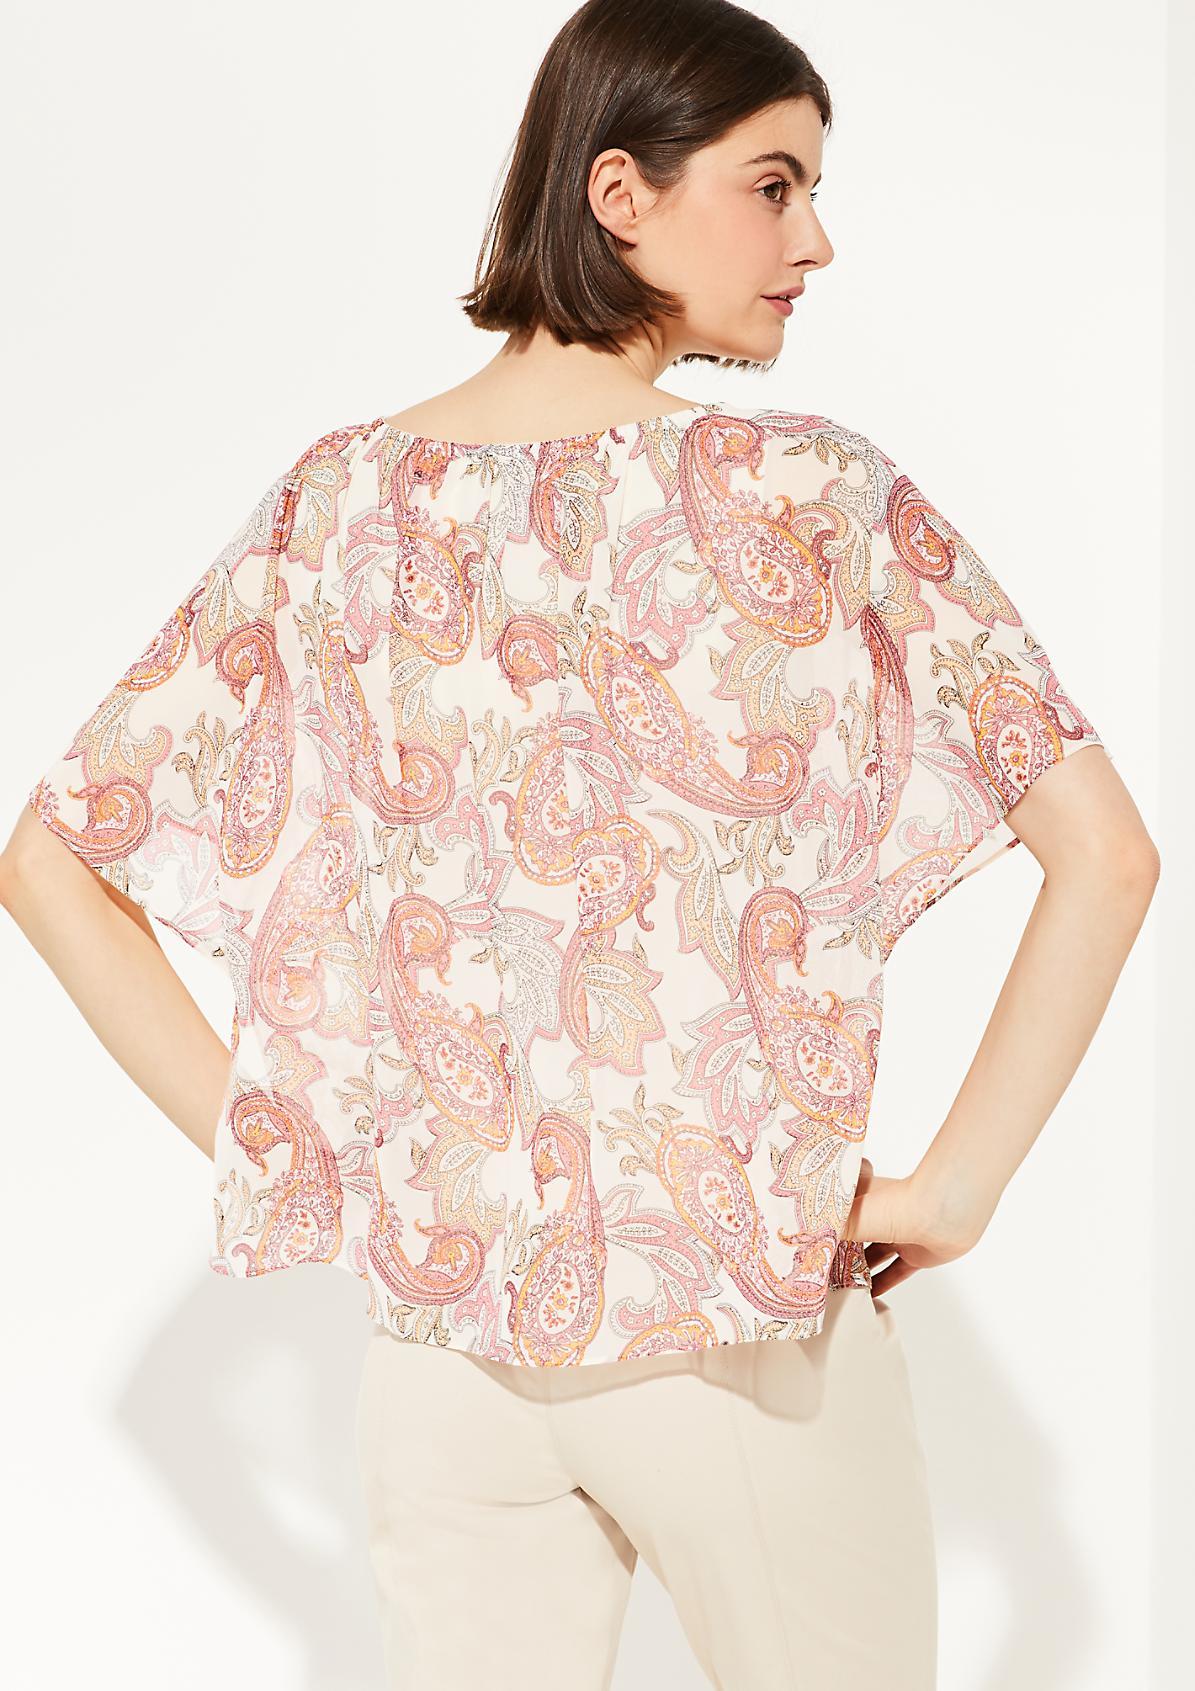 Chiffon-Bluse mit Paisley-Muster